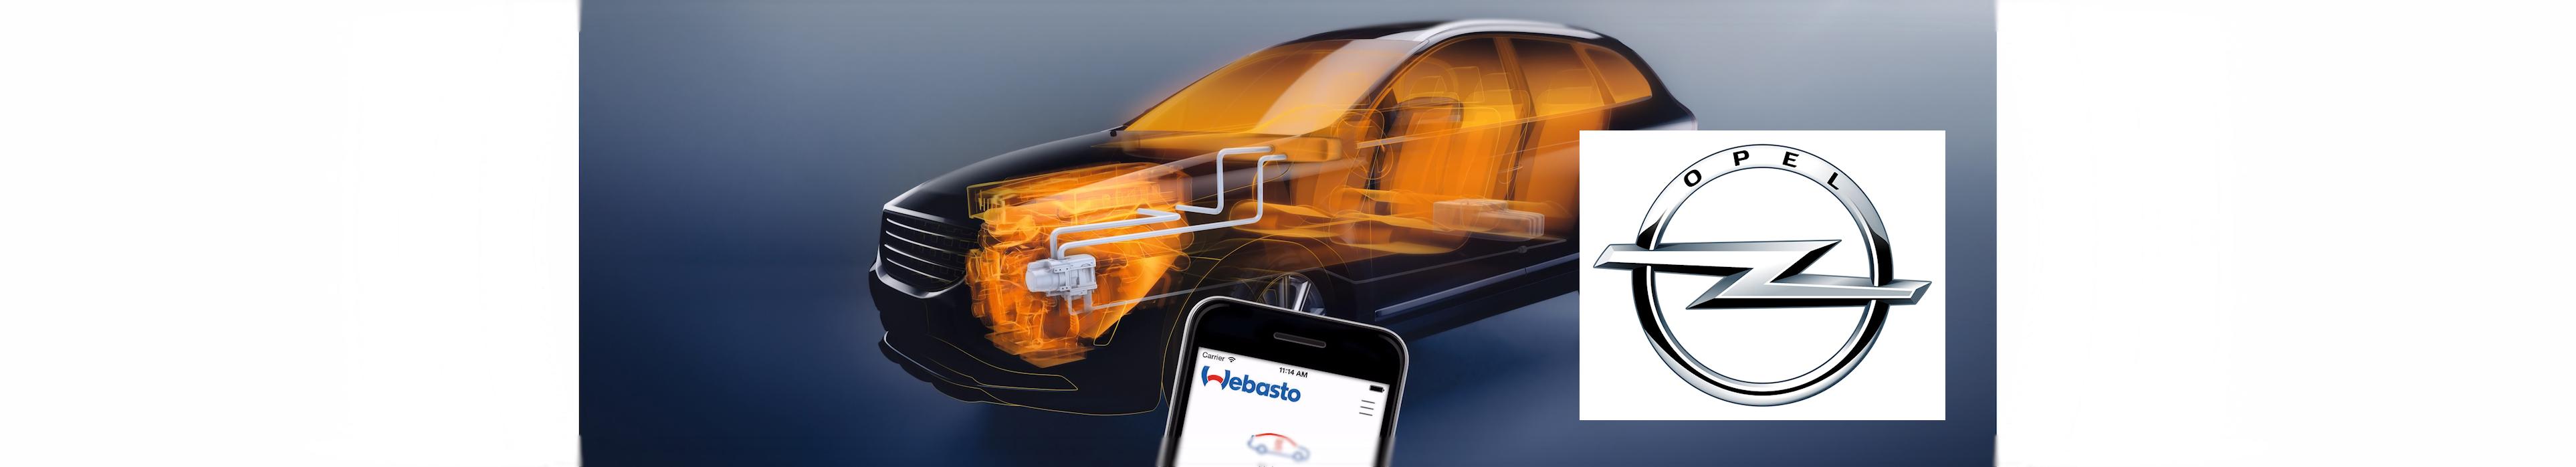 Wat kost een parkeerverwarming inbouwen bij Opel